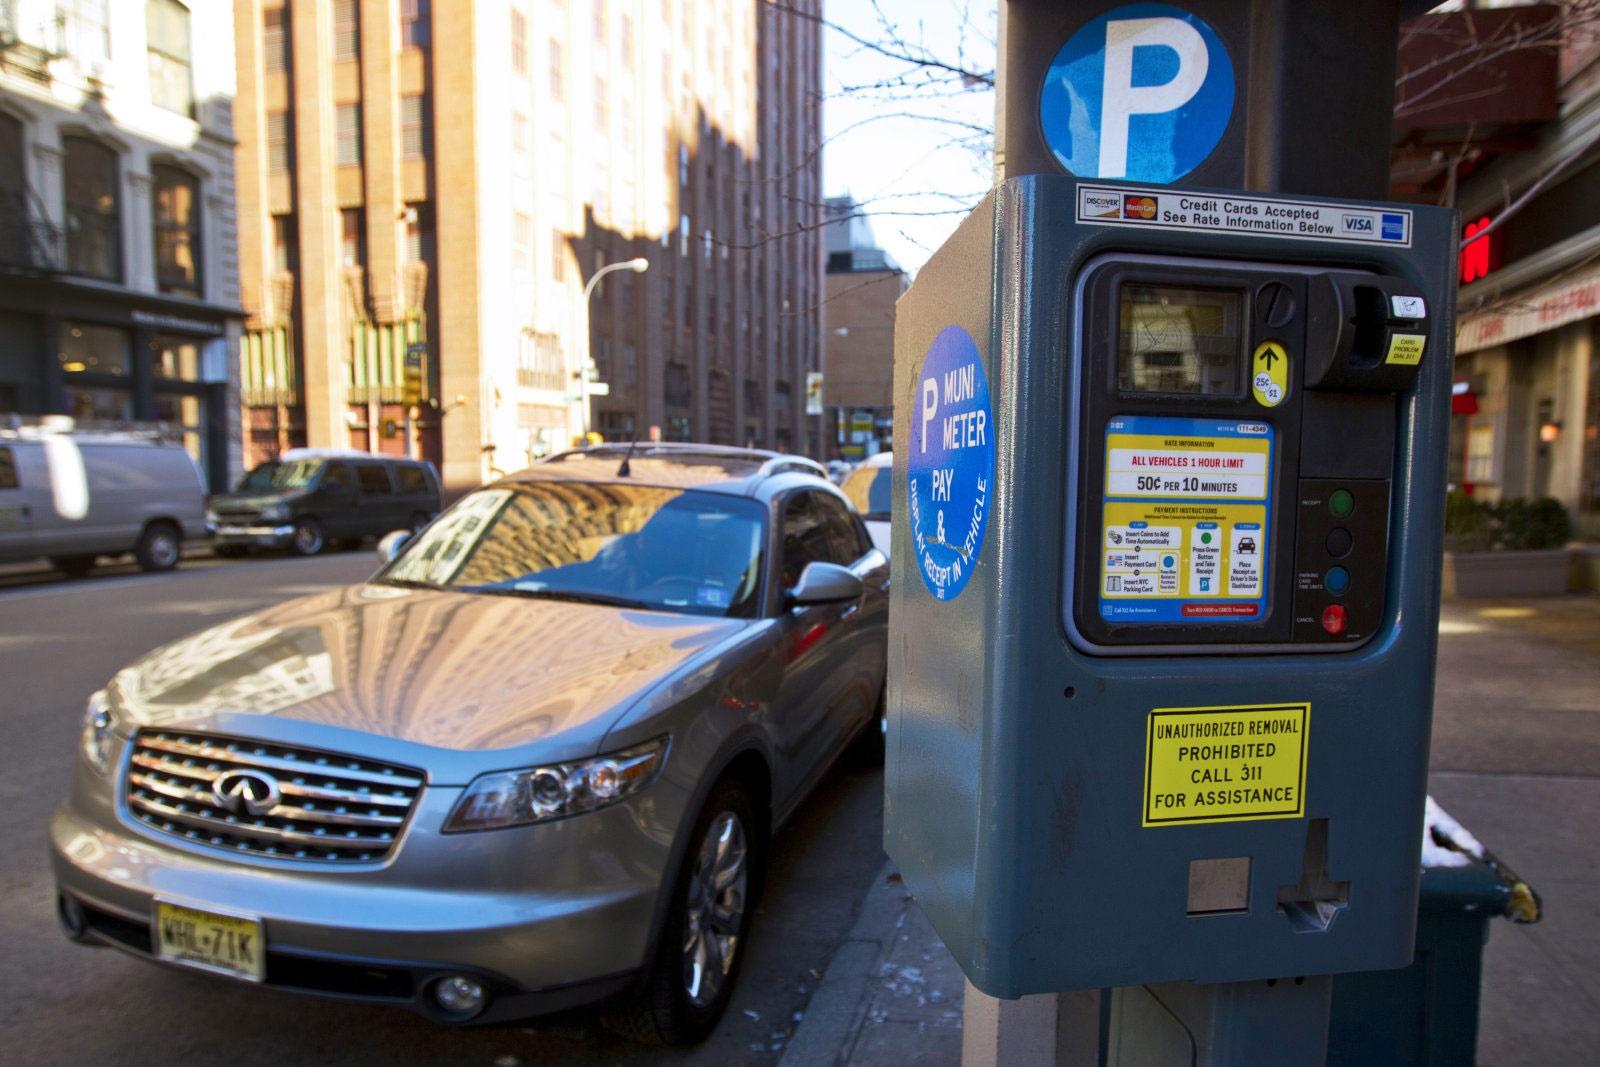 کمترشدن استرس رانندگان نیویورکی با نصب پارکومترهای هوشمند